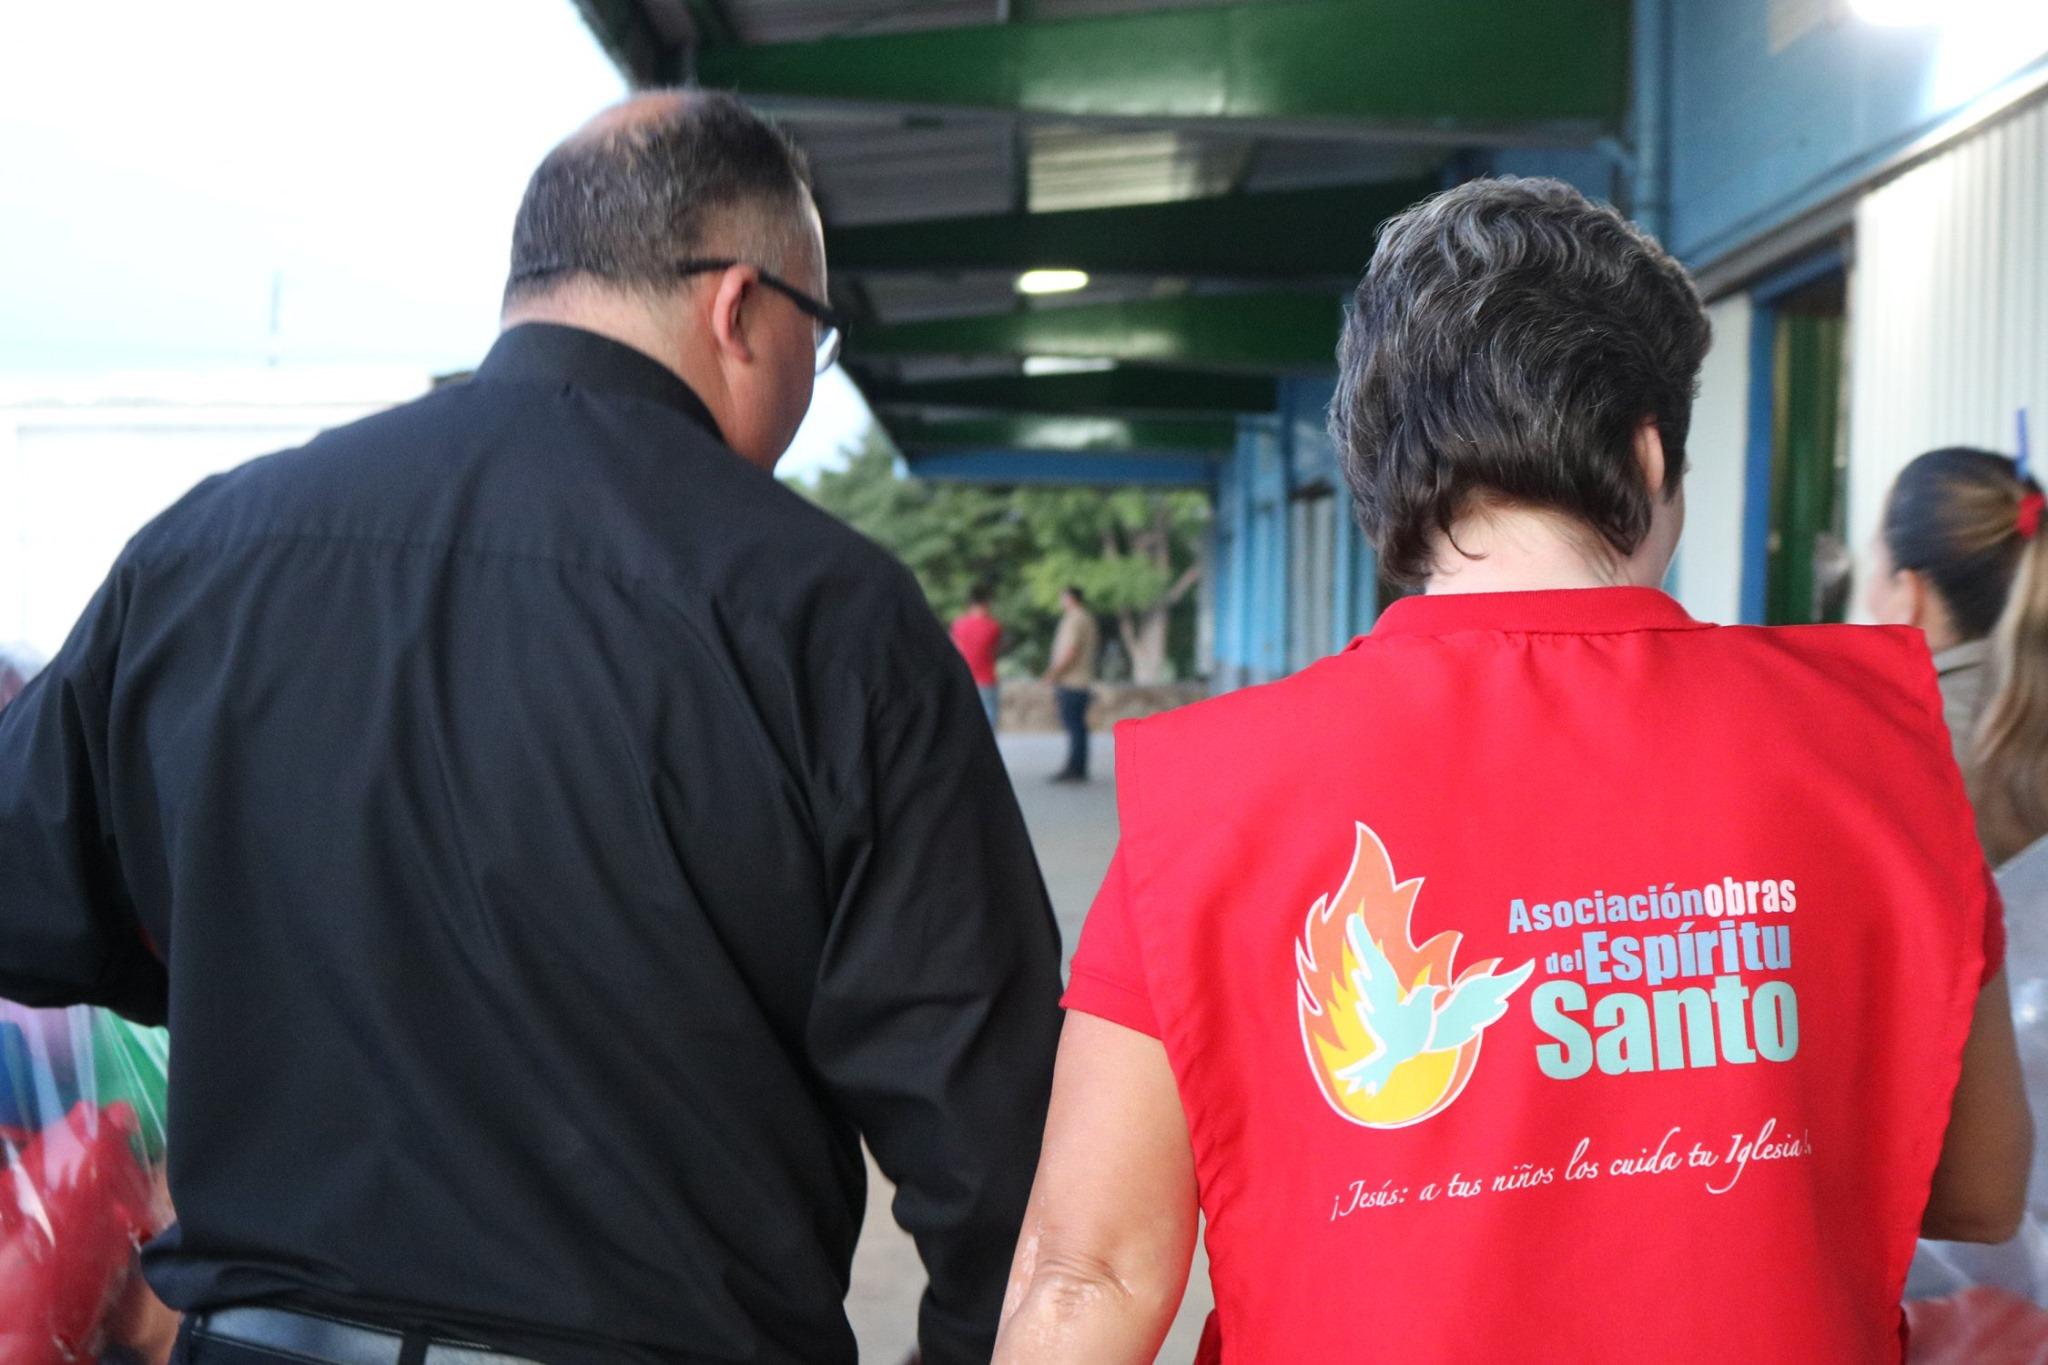 La Asociación Obras del Espíritu Santo desarrolla 14 actividades comerciales (Foto: Facebook AOES)